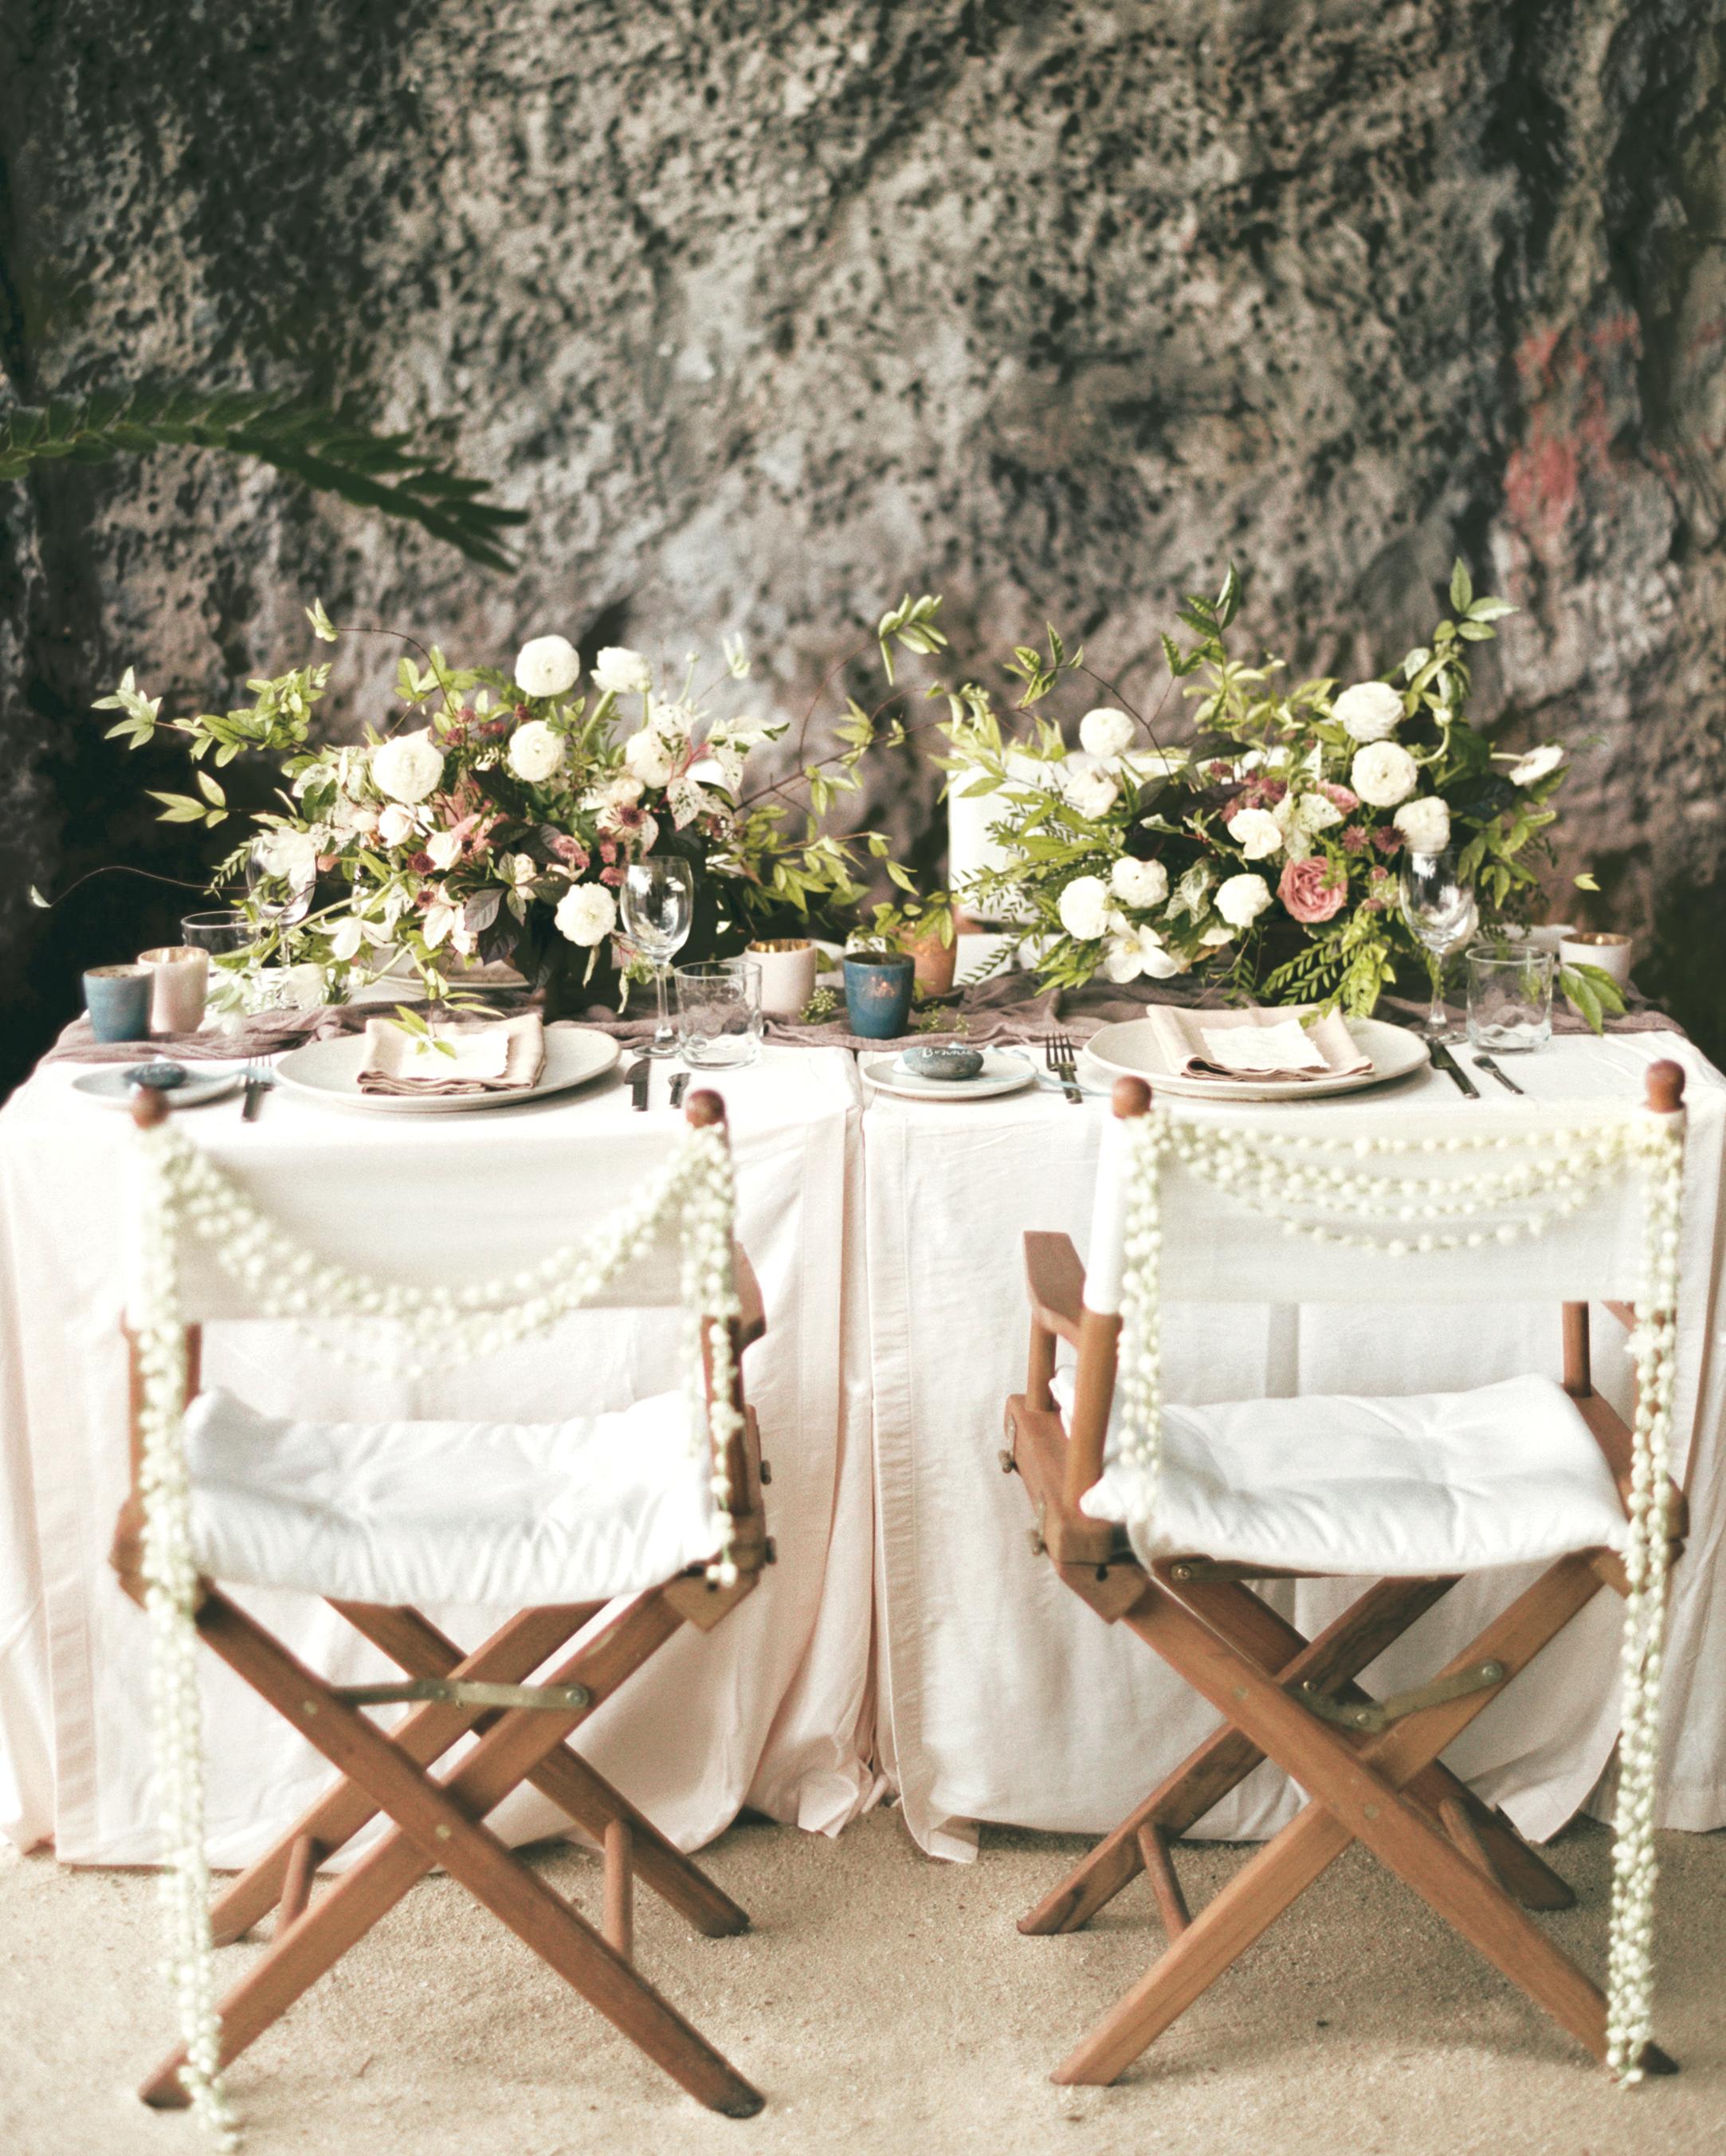 michelle-ryan-wedding-krabi-thailand-0505-s112047.jpg